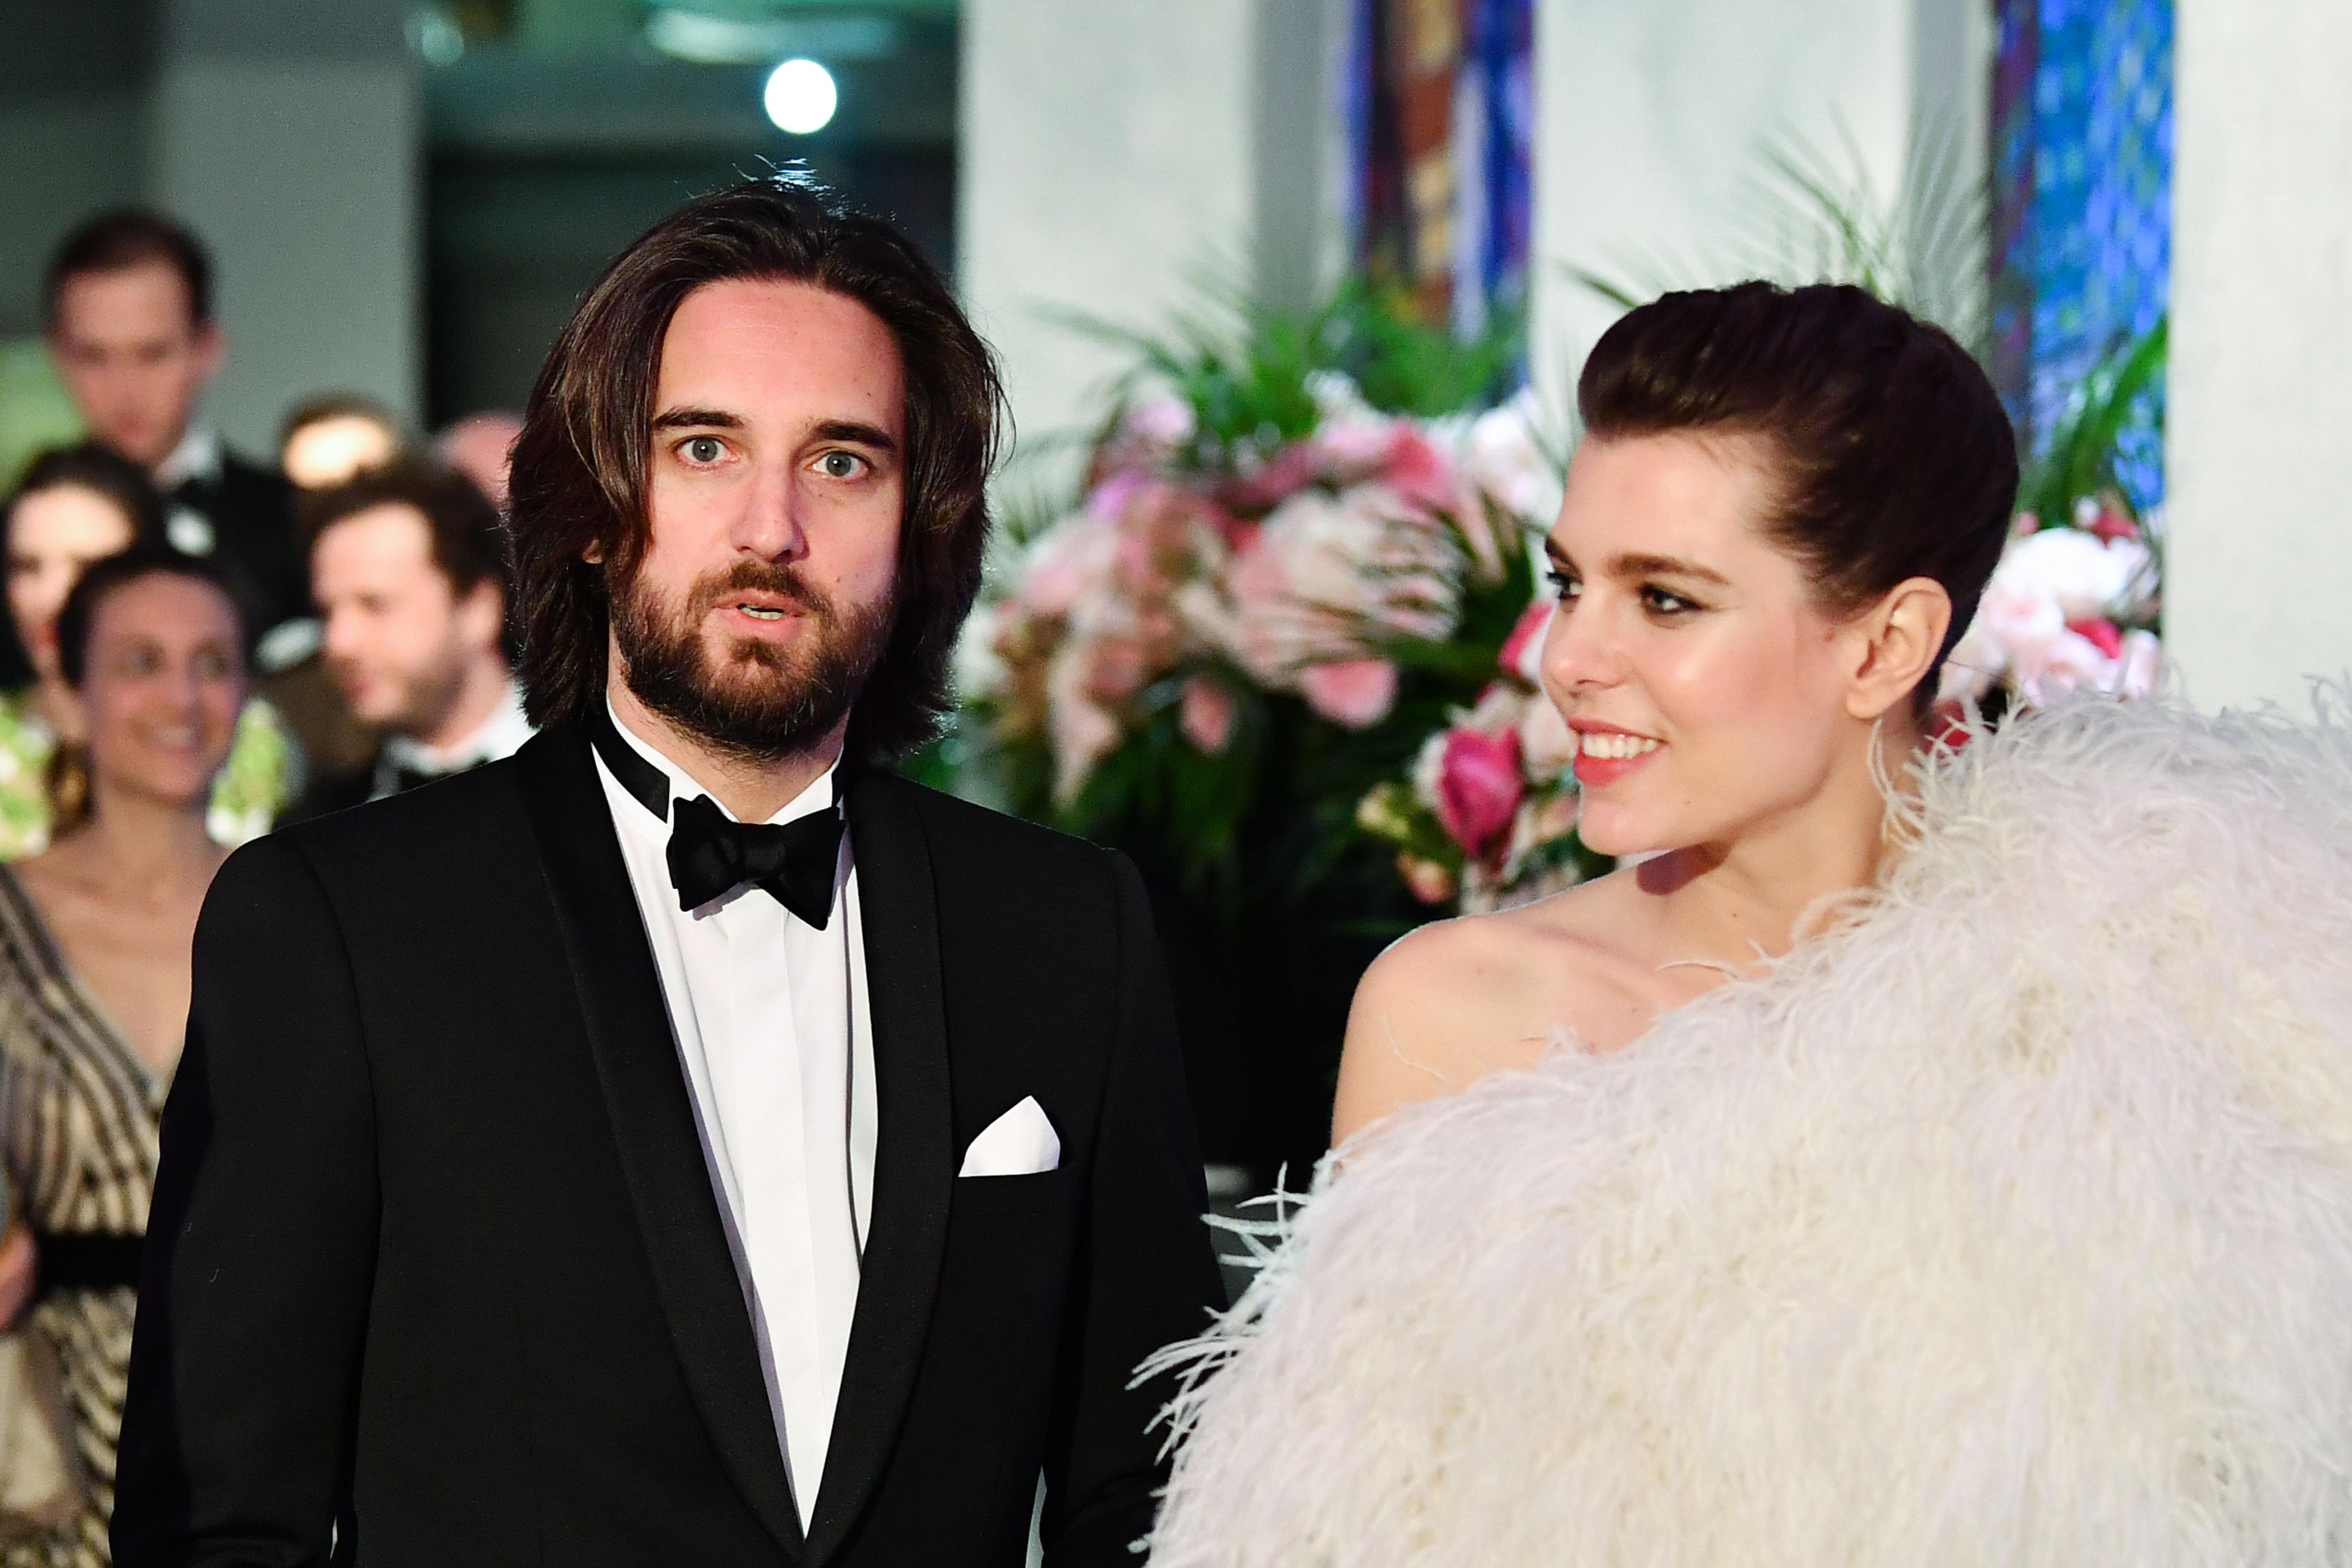 Ένας ακόμη βασιλικός γάμος για το 2018: Η Charlotte Casiraghi ανακοίνωσε τον αρραβώνα της με τον Dimitri Rassam